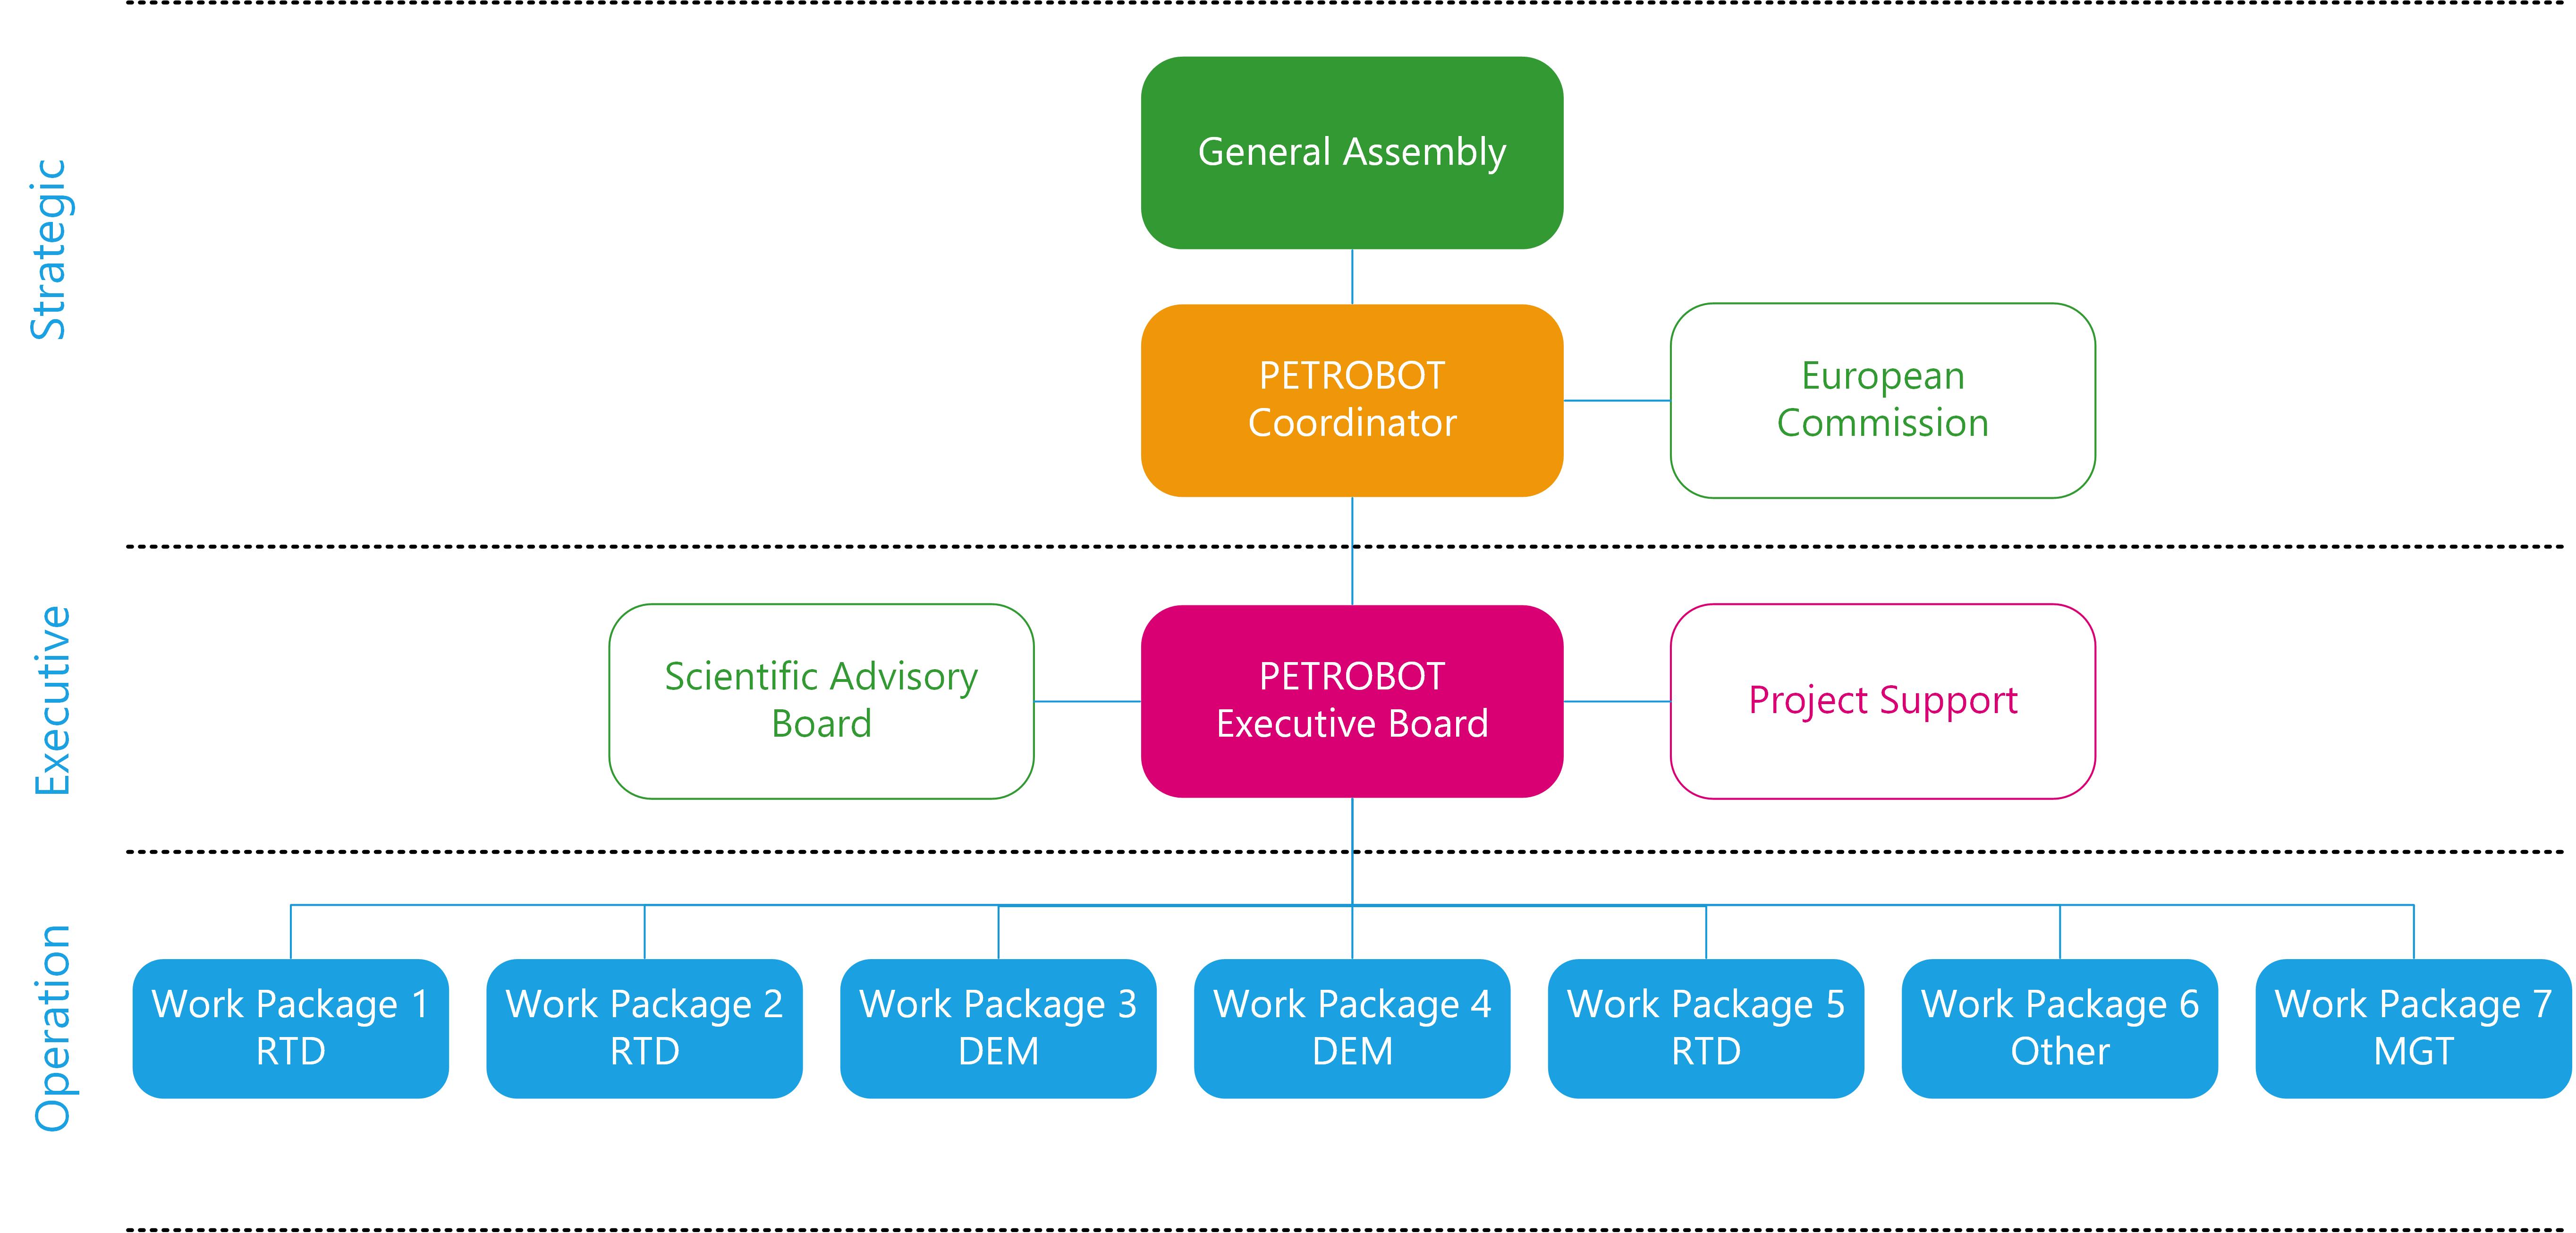 PETROBOT Management Structure - Petrobot Project